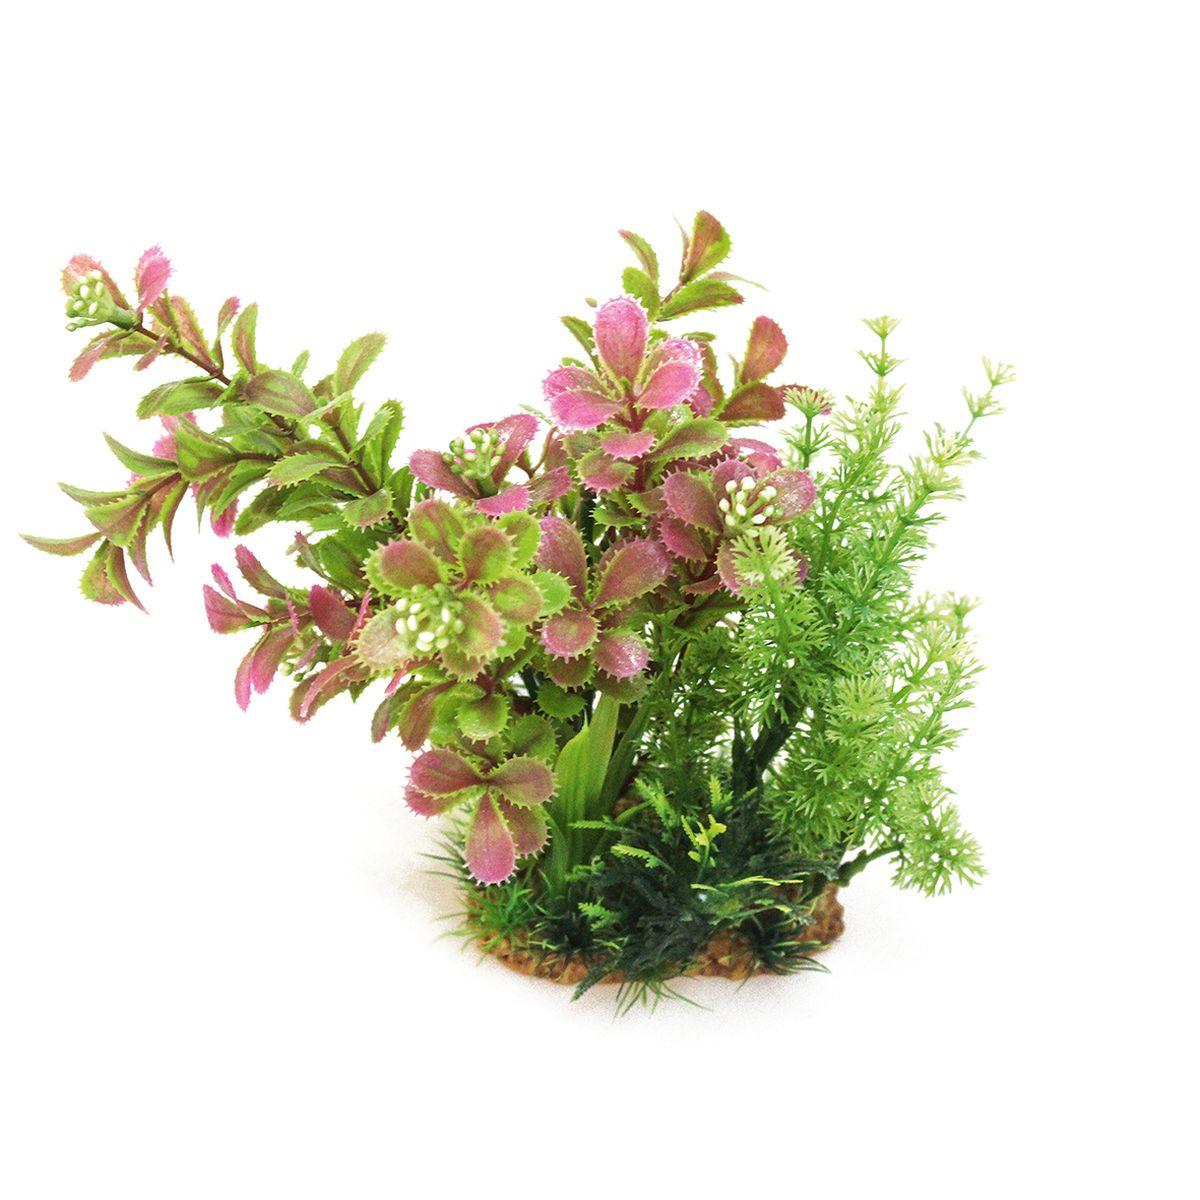 Растение для аквариума ArtUniq Прозерпинака, высота 20 смART-1160204Растение для аквариума ArtUniq Прозерпинака, высота 20 см